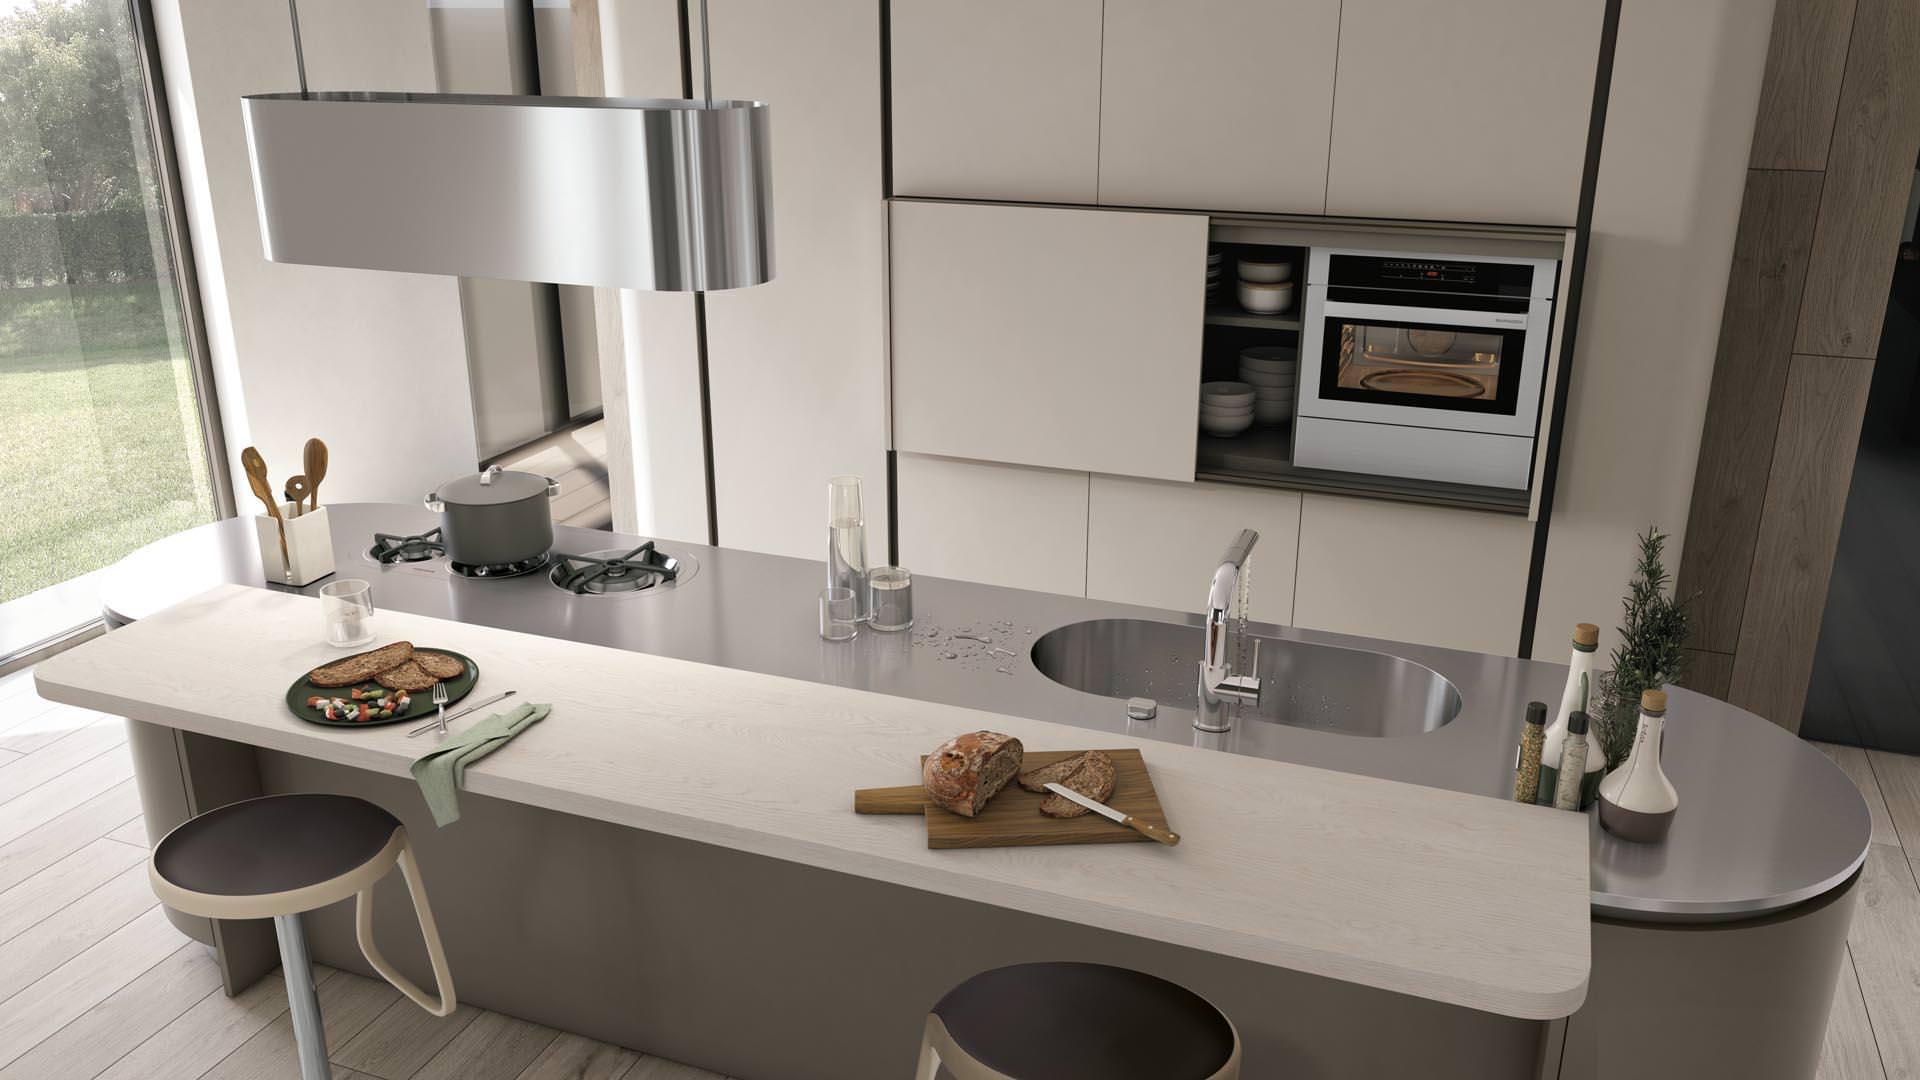 cucine-moderne-bari-collezione-lube-clover-neck-3 - Rafaschieri ...